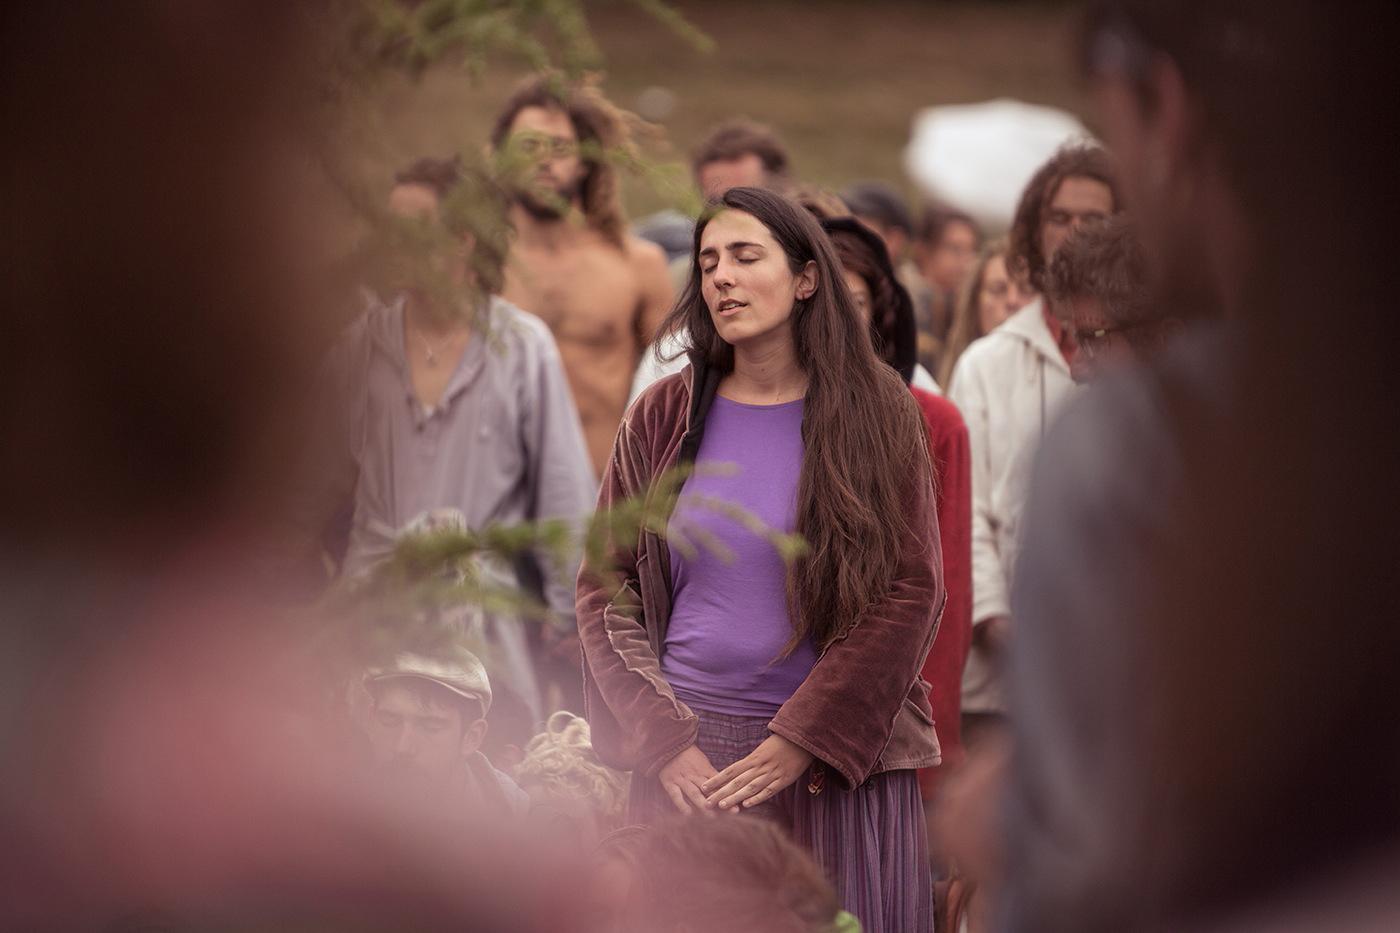 Flou femme violet